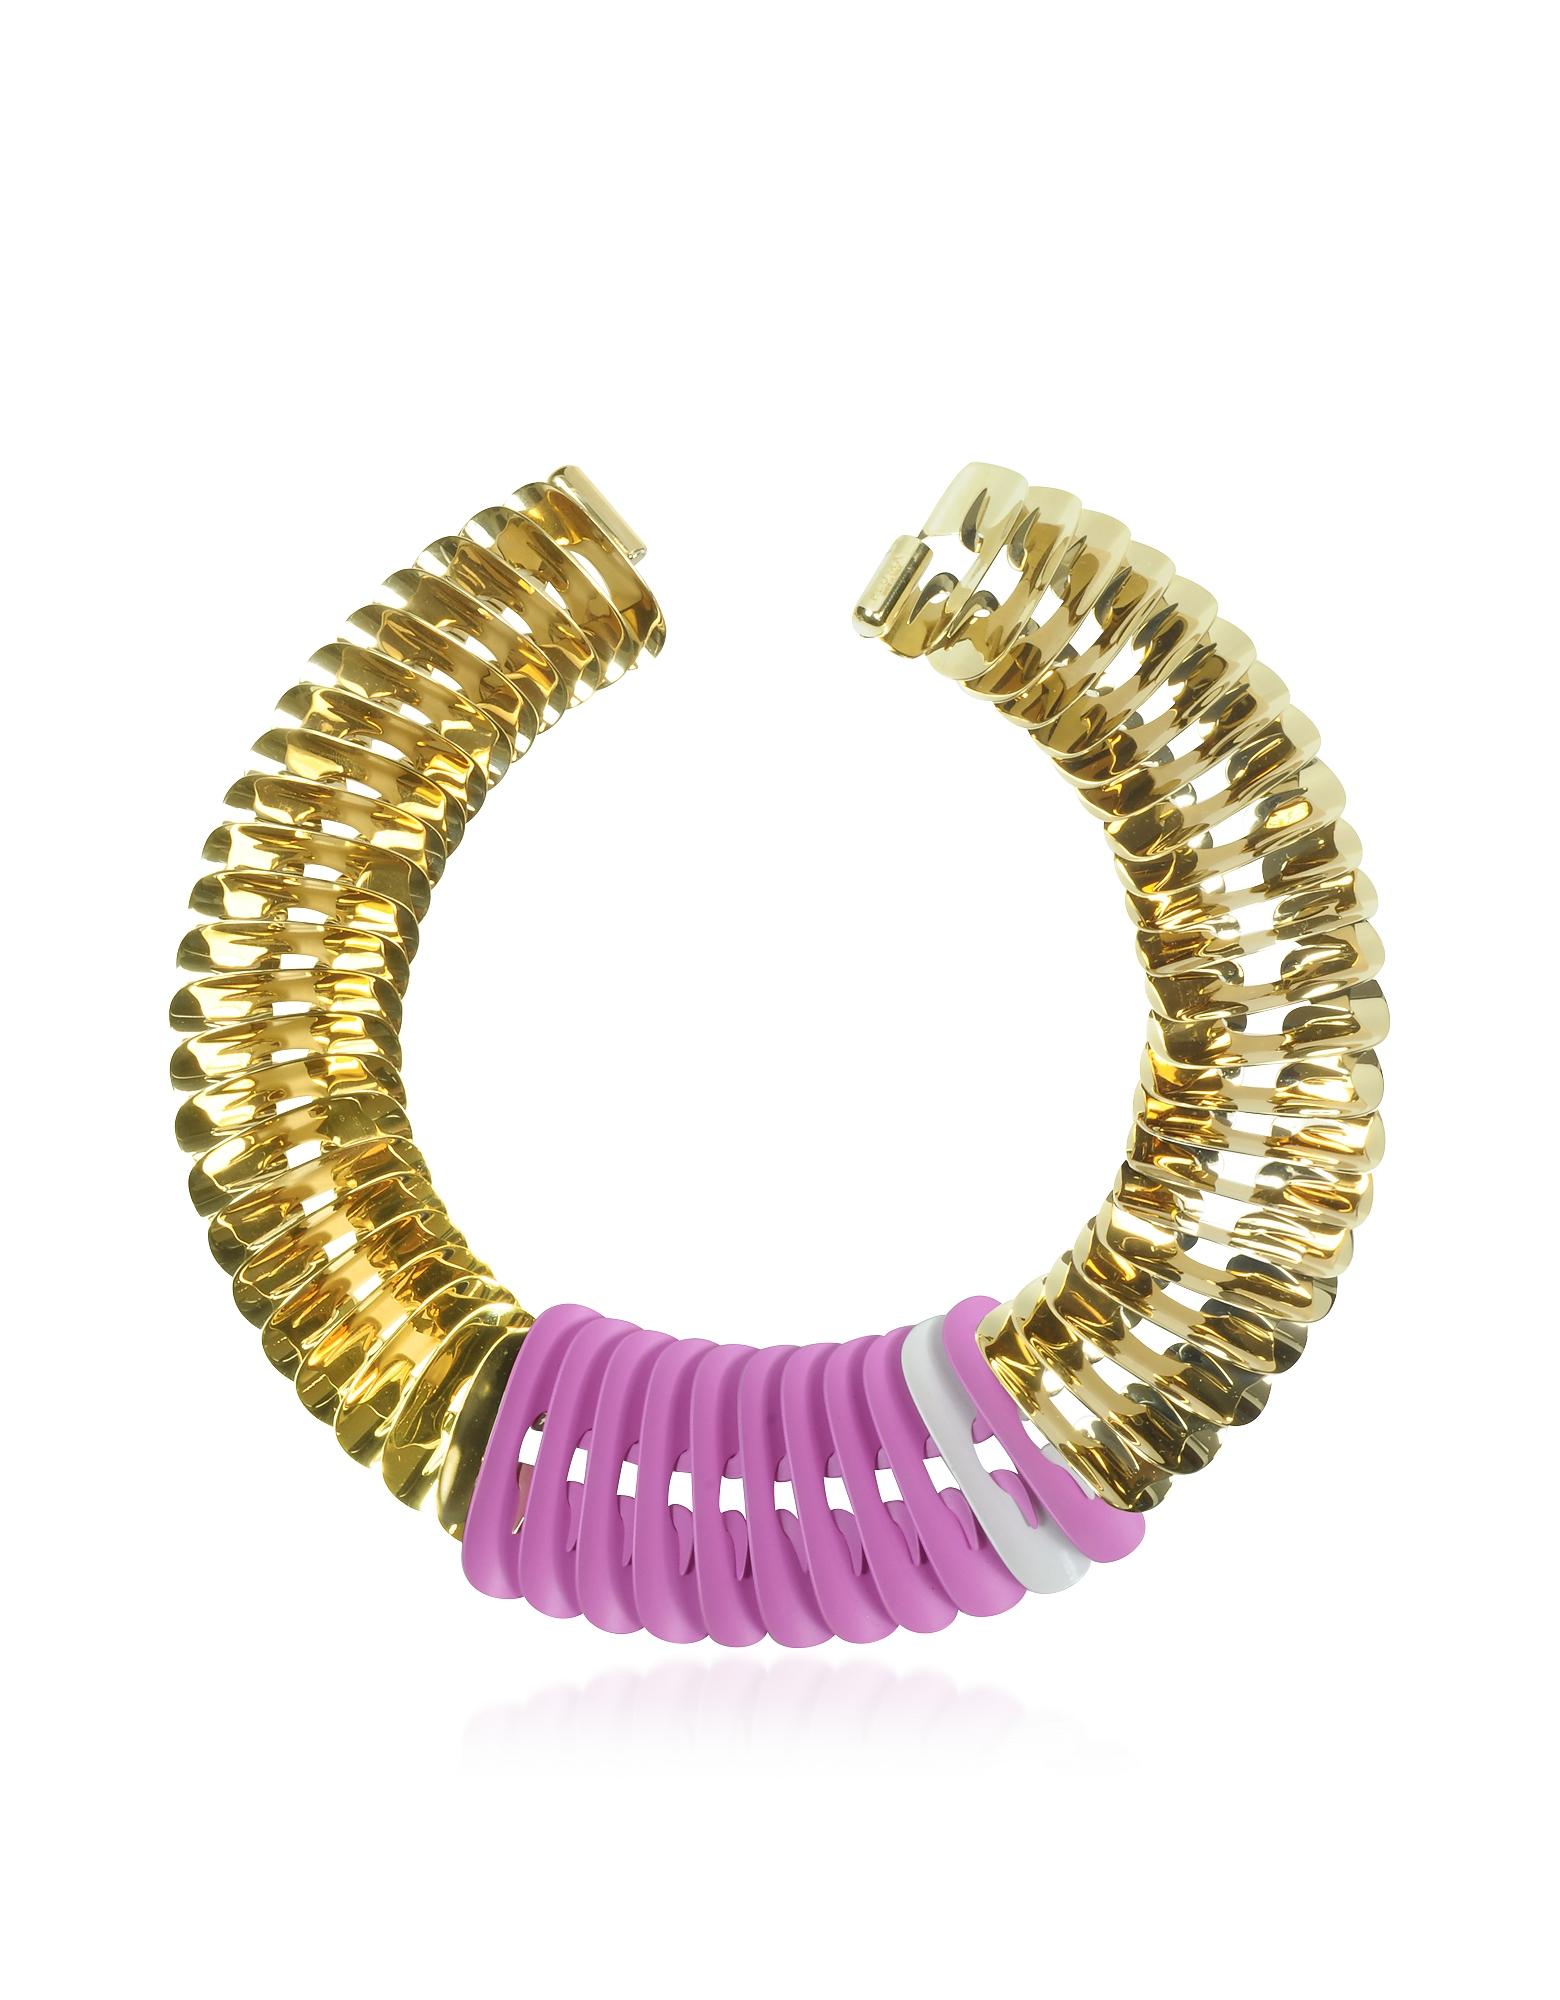 Ожерелье Золотистого, Белого и Розового Цветов